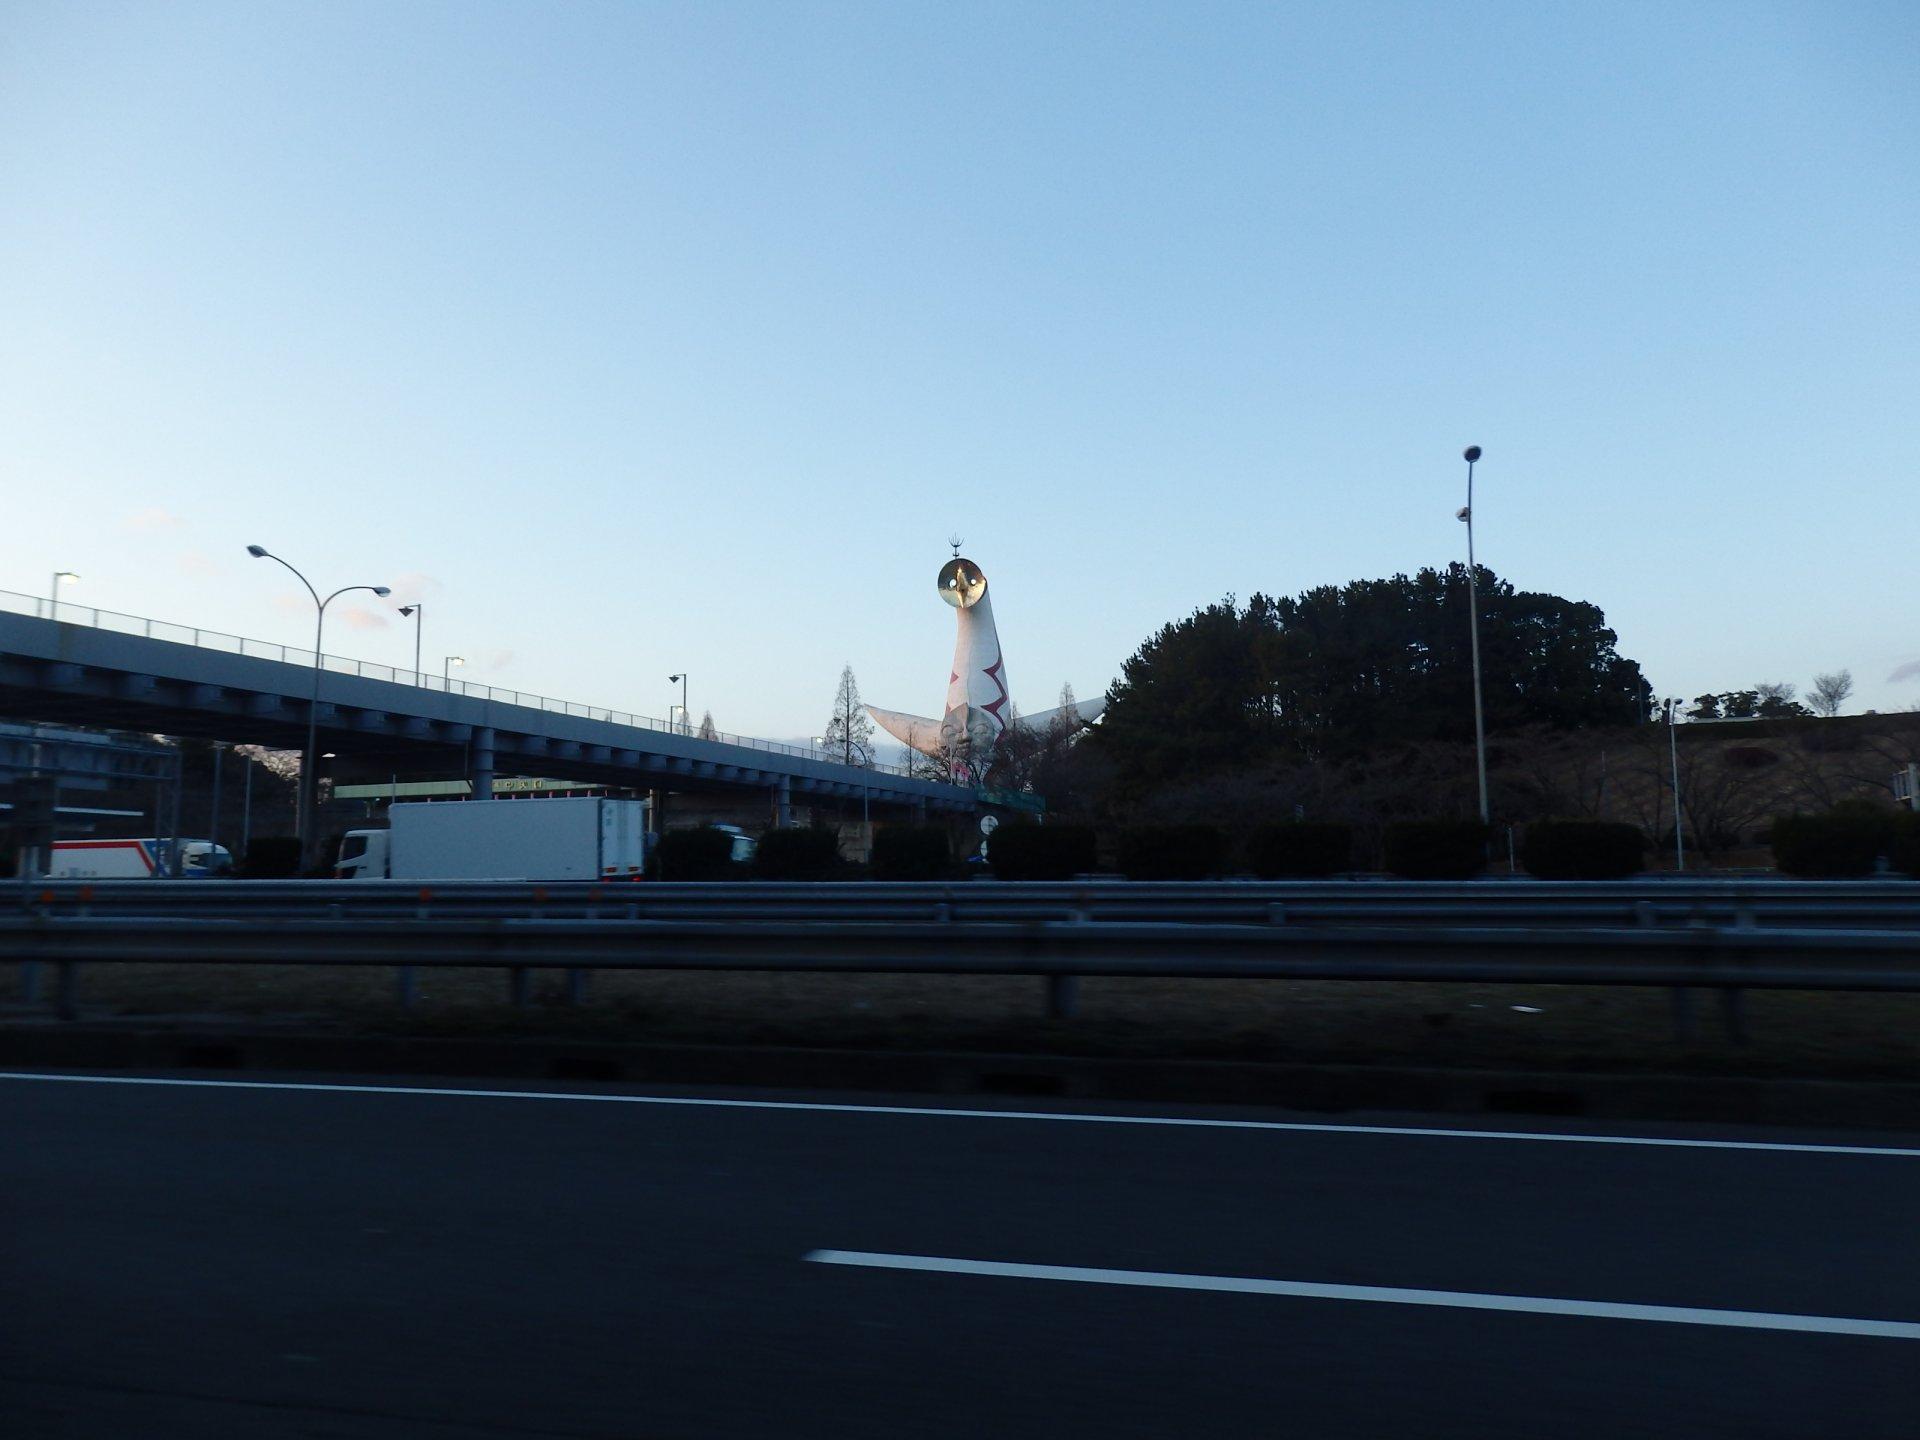 岡本太郎死すとも太陽の塔は永遠なれ。